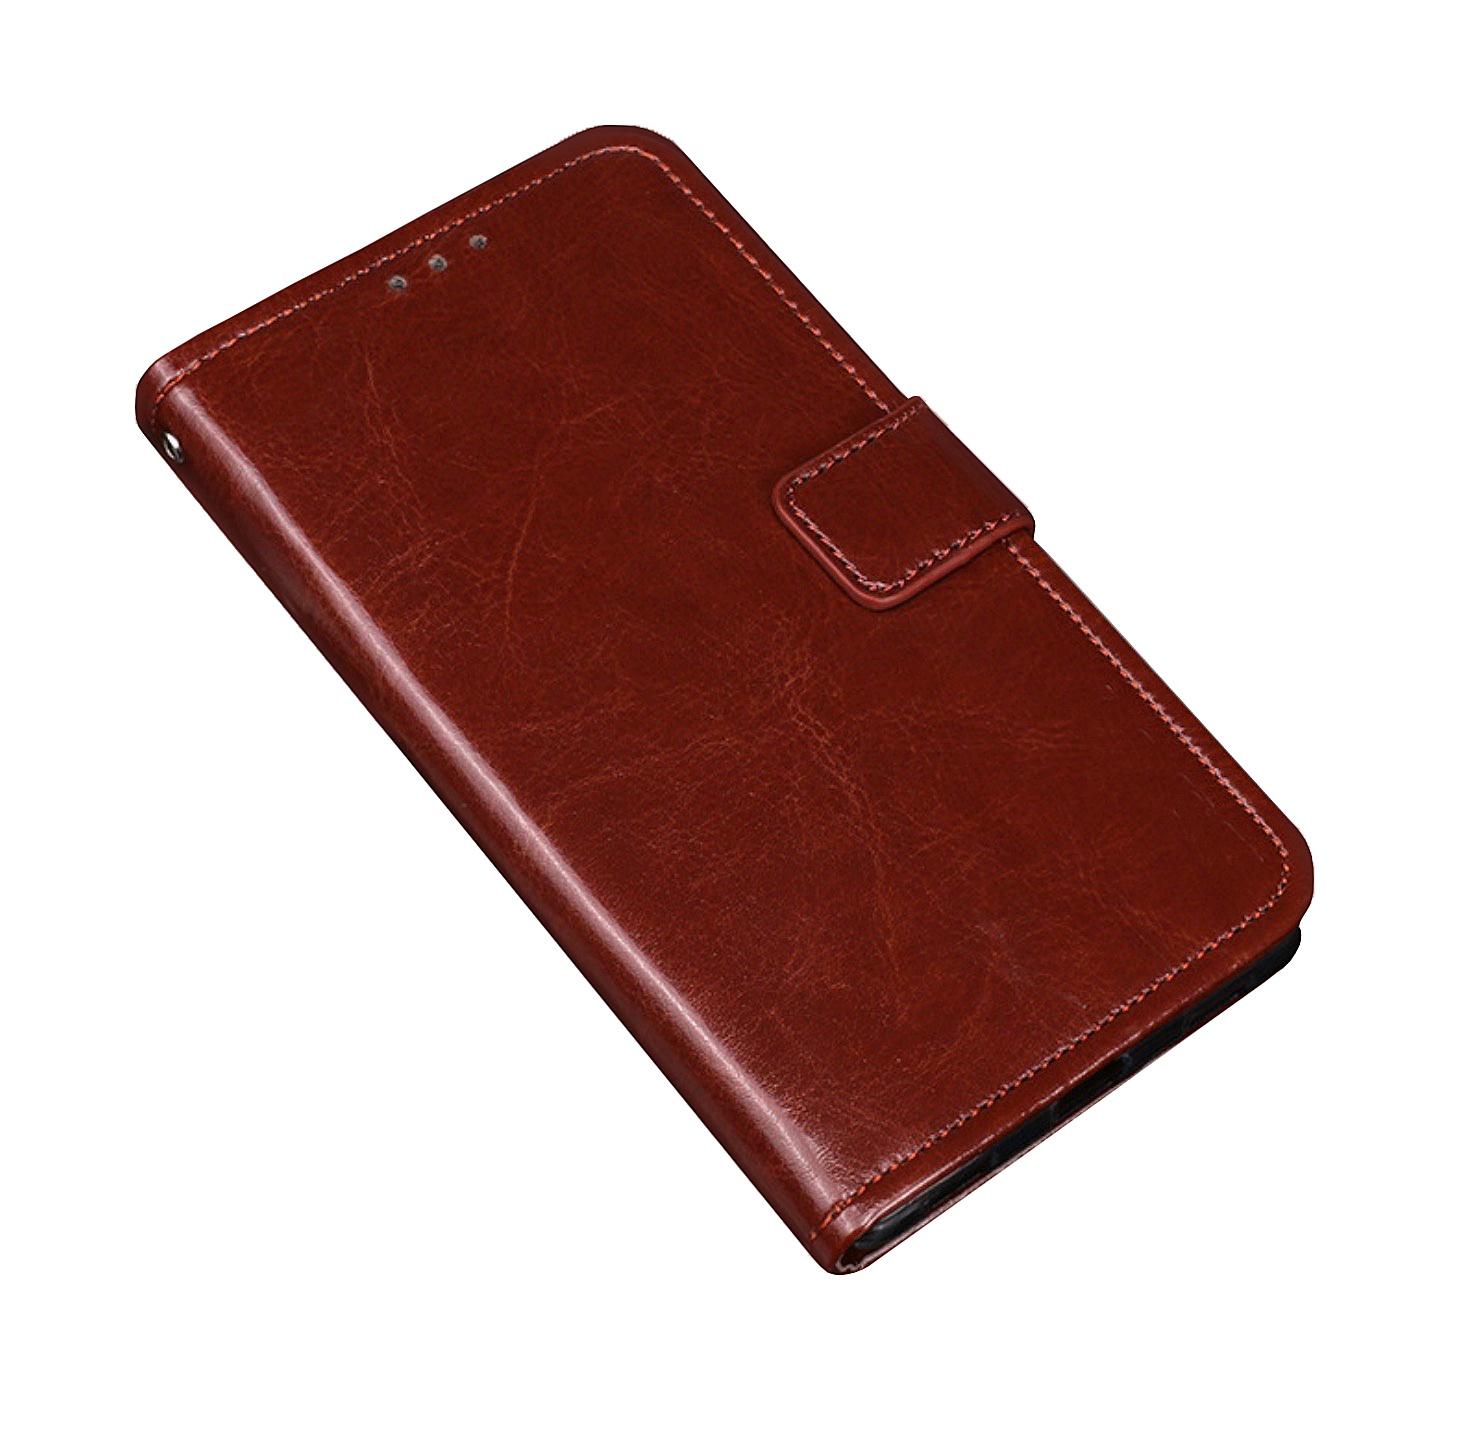 Фирменный чехол-книжка из качественной импортной кожи с мульти-подставкой застёжкой и визитницей для Xiaomi Redmi 4 Pro 3GB 32Gb/ Android 6.0 / 1920:1080 / 5.0 коричневый MyPads